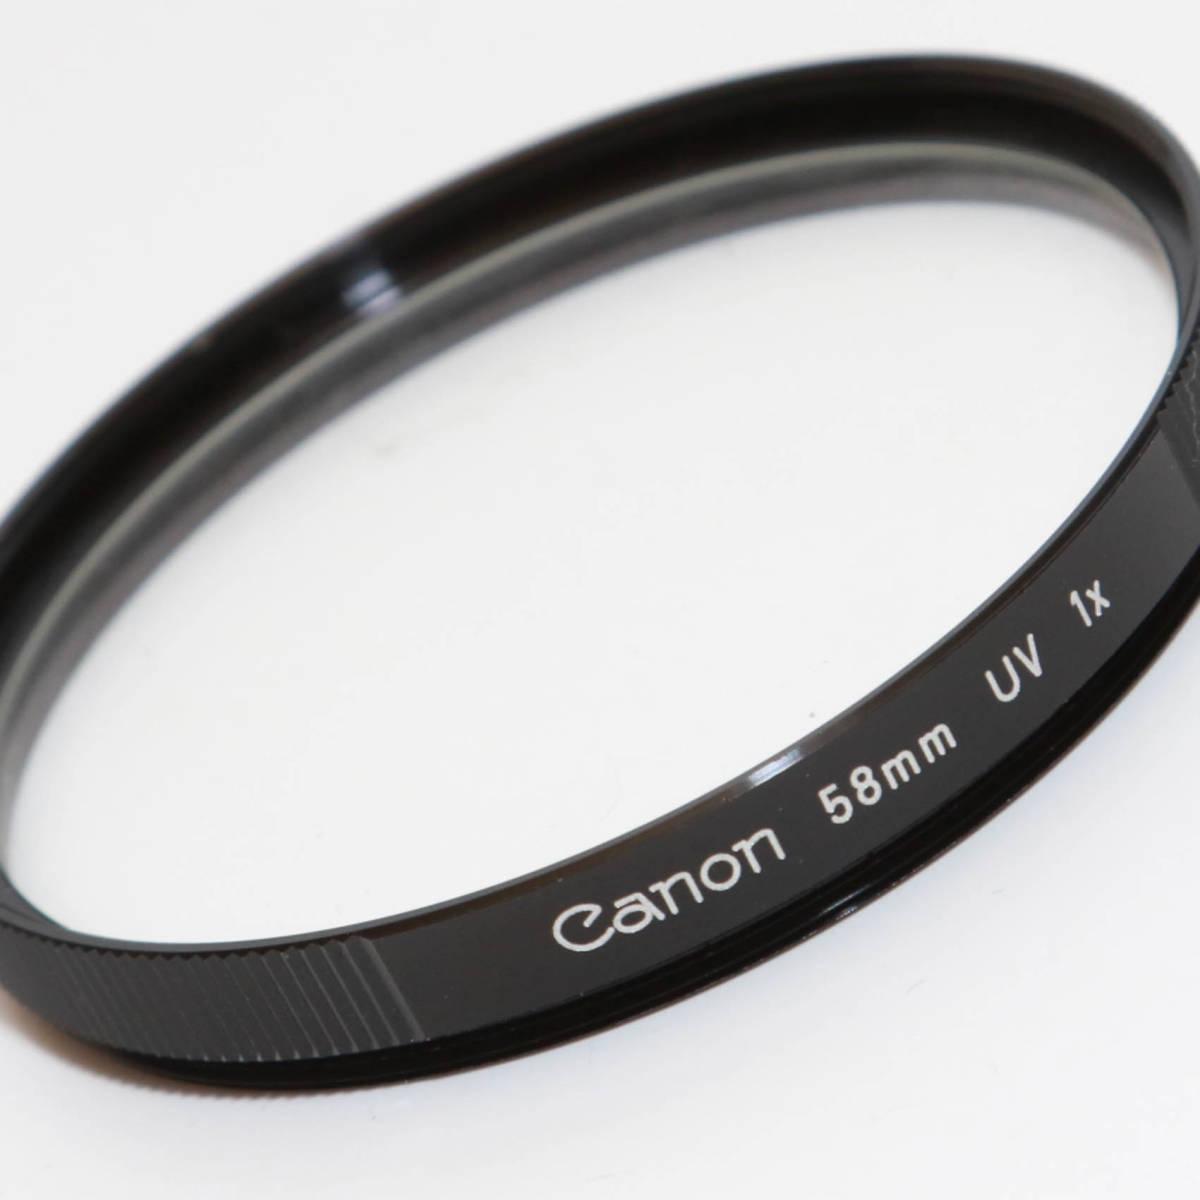 ★送料無料 Canon キヤノン 58㎜ UV 純正フィルター レンズ保護に 中古美品★